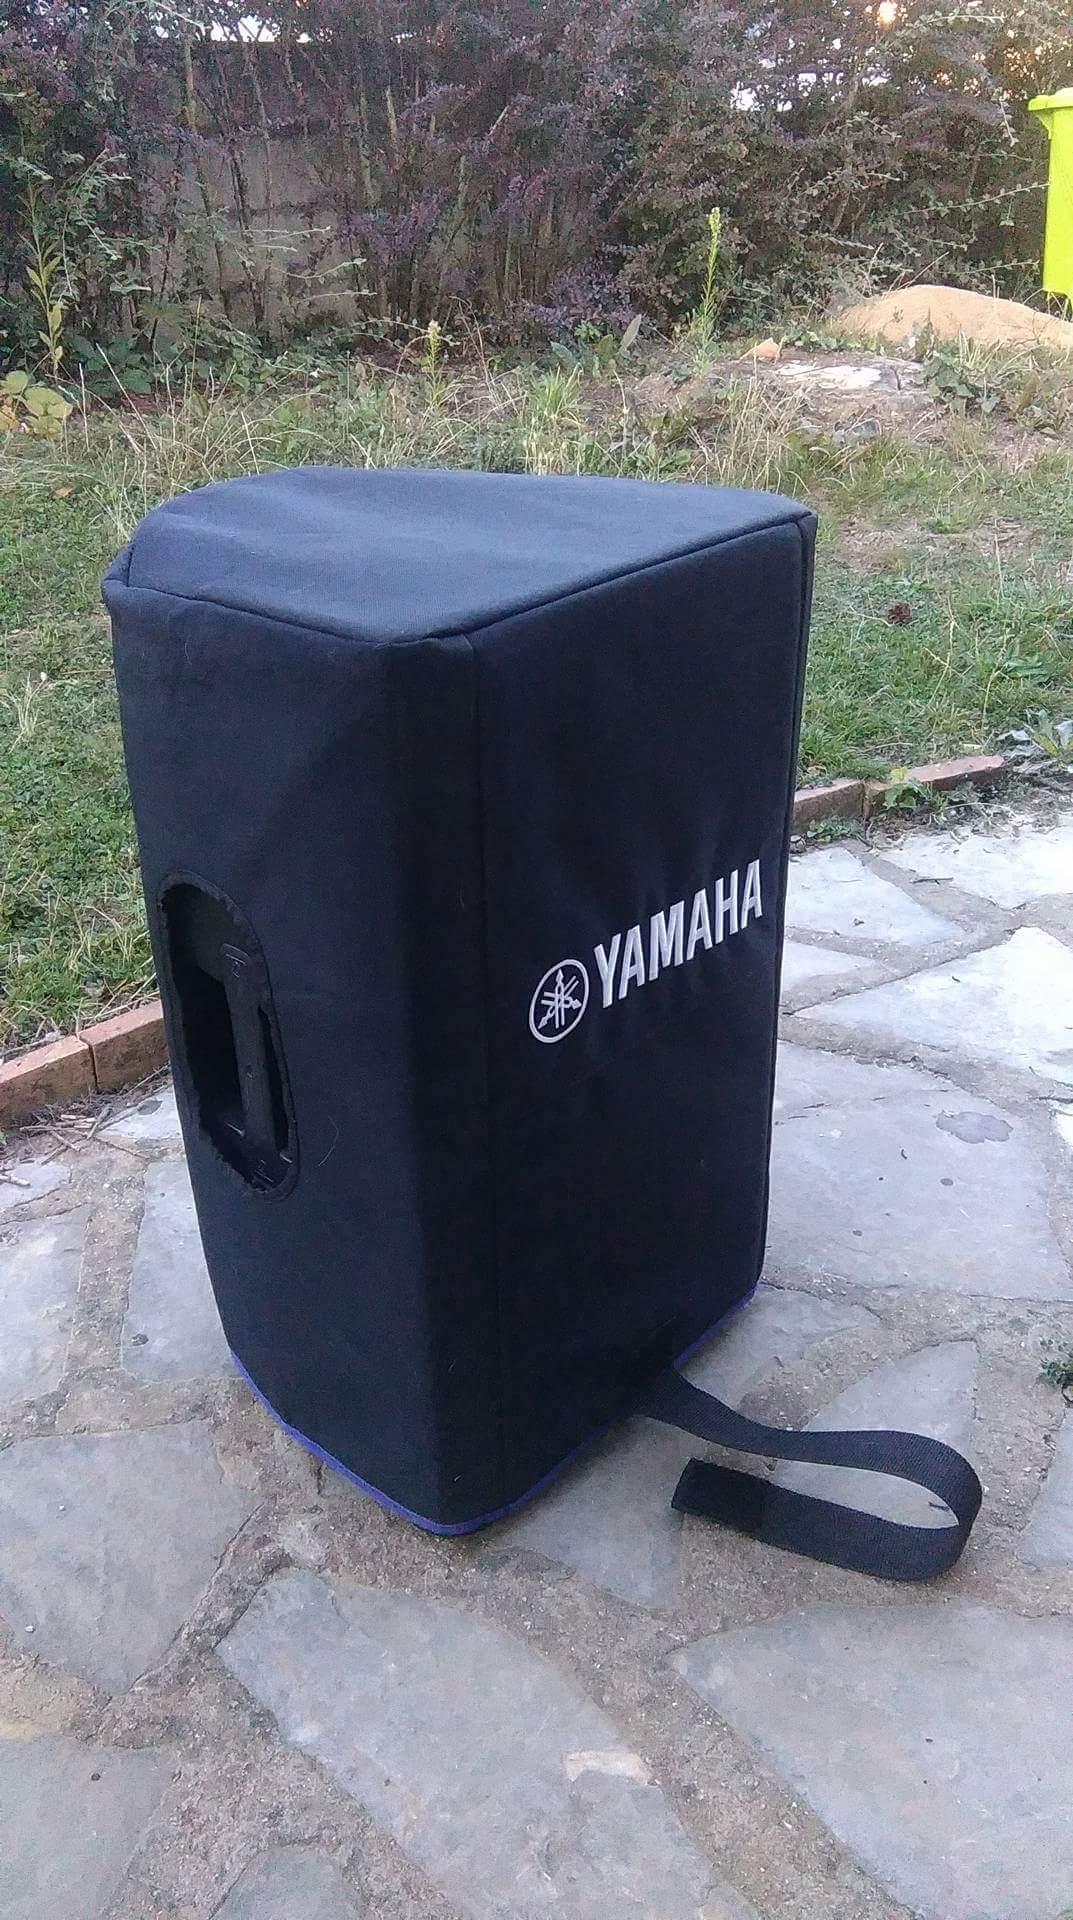 yamaha dxr12 image 1571057 audiofanzine. Black Bedroom Furniture Sets. Home Design Ideas